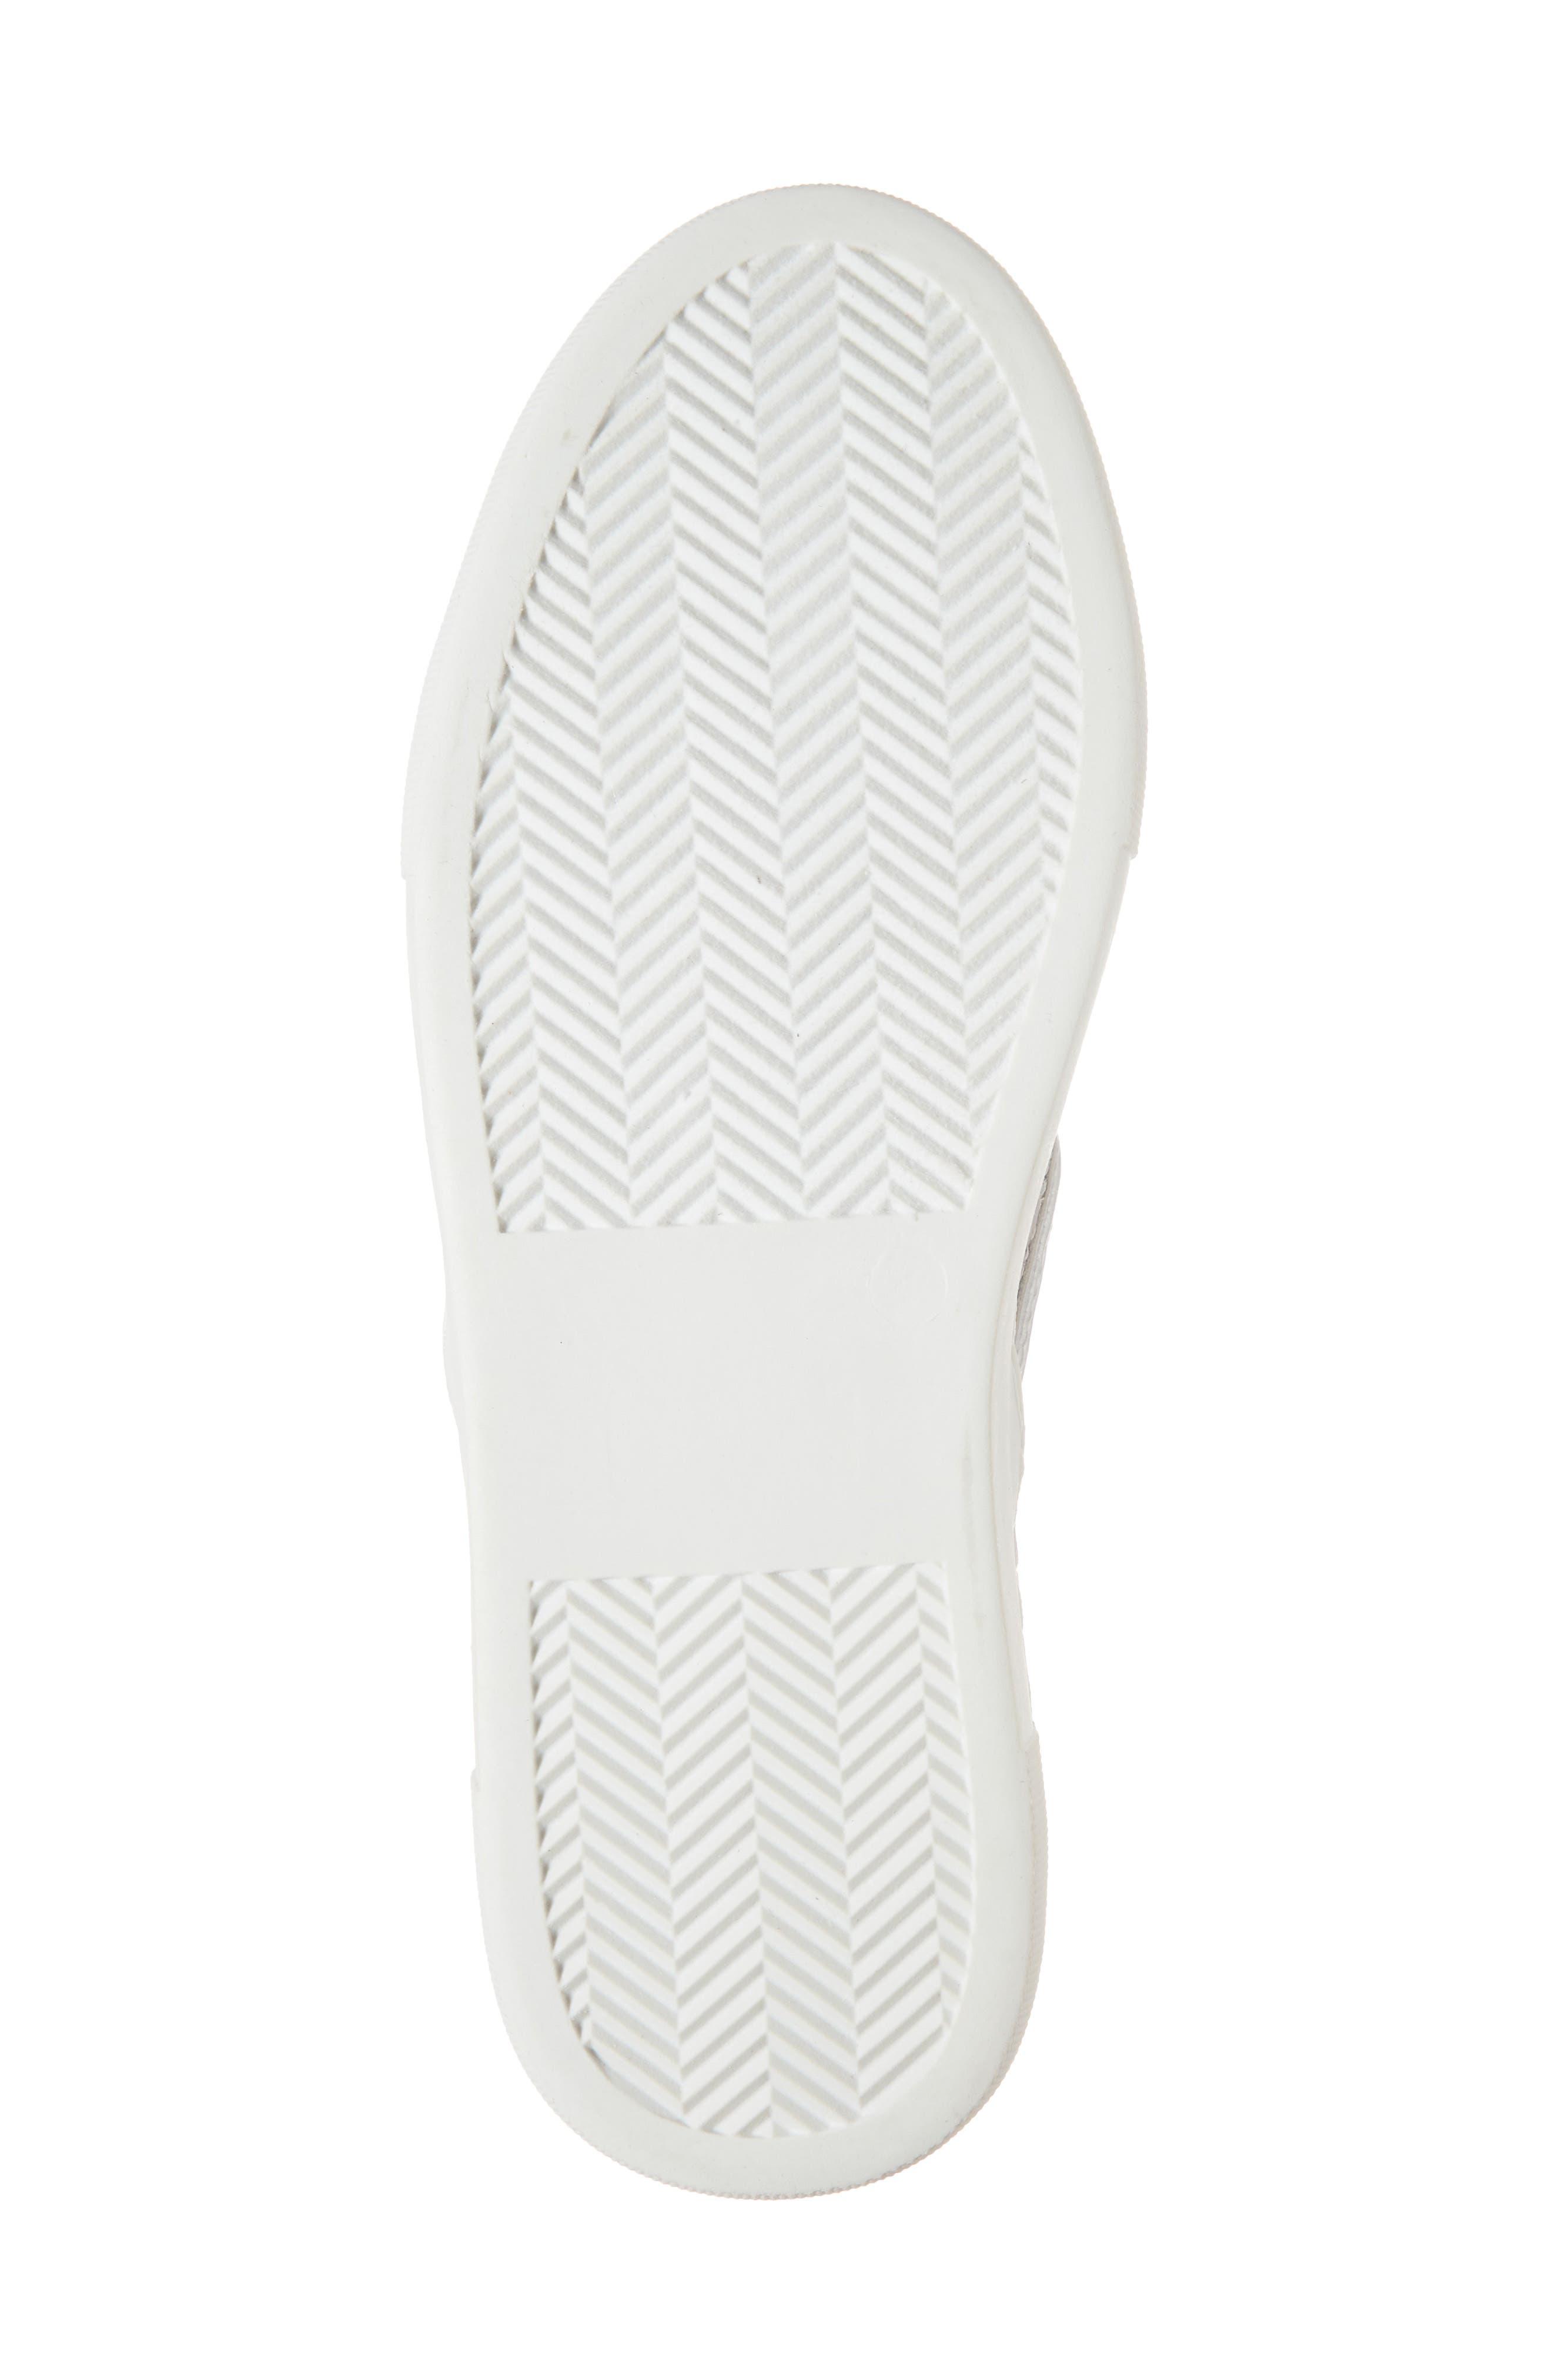 Monte Woven Slip-On Sneaker,                             Alternate thumbnail 4, color,                             Silver Satin